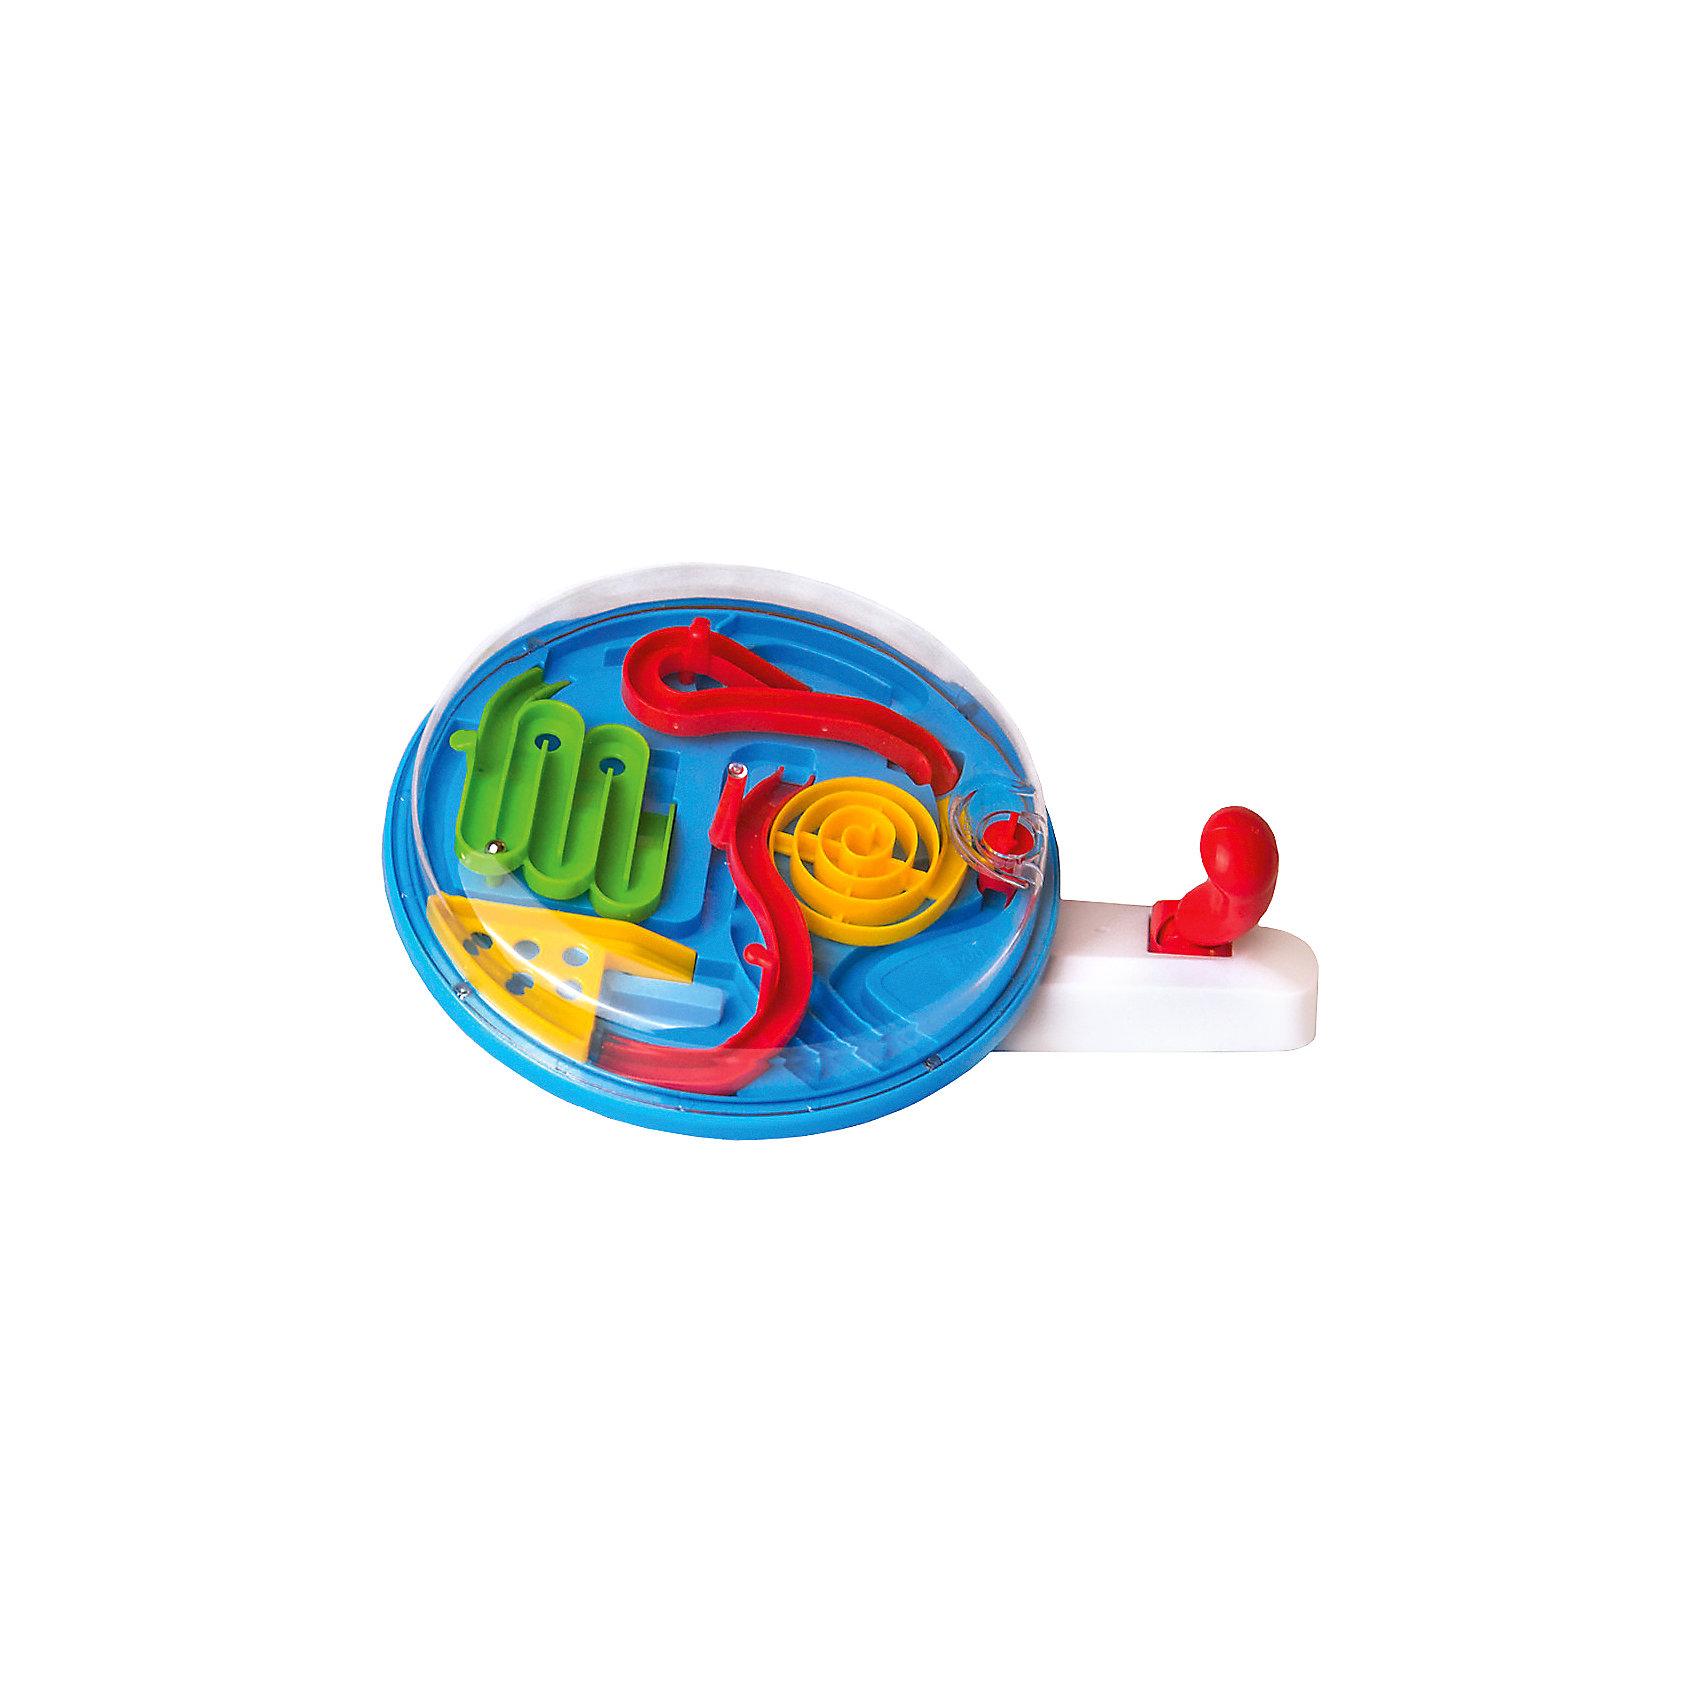 Лабиринтус Геймпад Тайфун, LabirintusИгры в дорогу<br>Лабиринтус Геймпад Тайфун, Labirintus<br><br>Лабиринтус Геймпад Тайфун - замечательный подарок для любителей головоломок. Цель игры - управляя джойстиком, переместить шарик по 4 площадкам лабиринта, чтобы добраться до финиша. Это отличная игрушка для свободного времяпрепровождения. Можно играть как одному, так и с друзьями. Держи баланс! Дойди до цели!<br><br>Размеры упаковки ДхВхШ: 0,205х0,08х0,27<br>Материал: пластмасса<br><br>Лабиринтус Геймпад Тайфун, Labirintus можно купить в нашем интернет-магазине.<br><br>Ширина мм: 205<br>Глубина мм: 270<br>Высота мм: 80<br>Вес г: 350<br>Возраст от месяцев: 48<br>Возраст до месяцев: 192<br>Пол: Унисекс<br>Возраст: Детский<br>SKU: 5124649